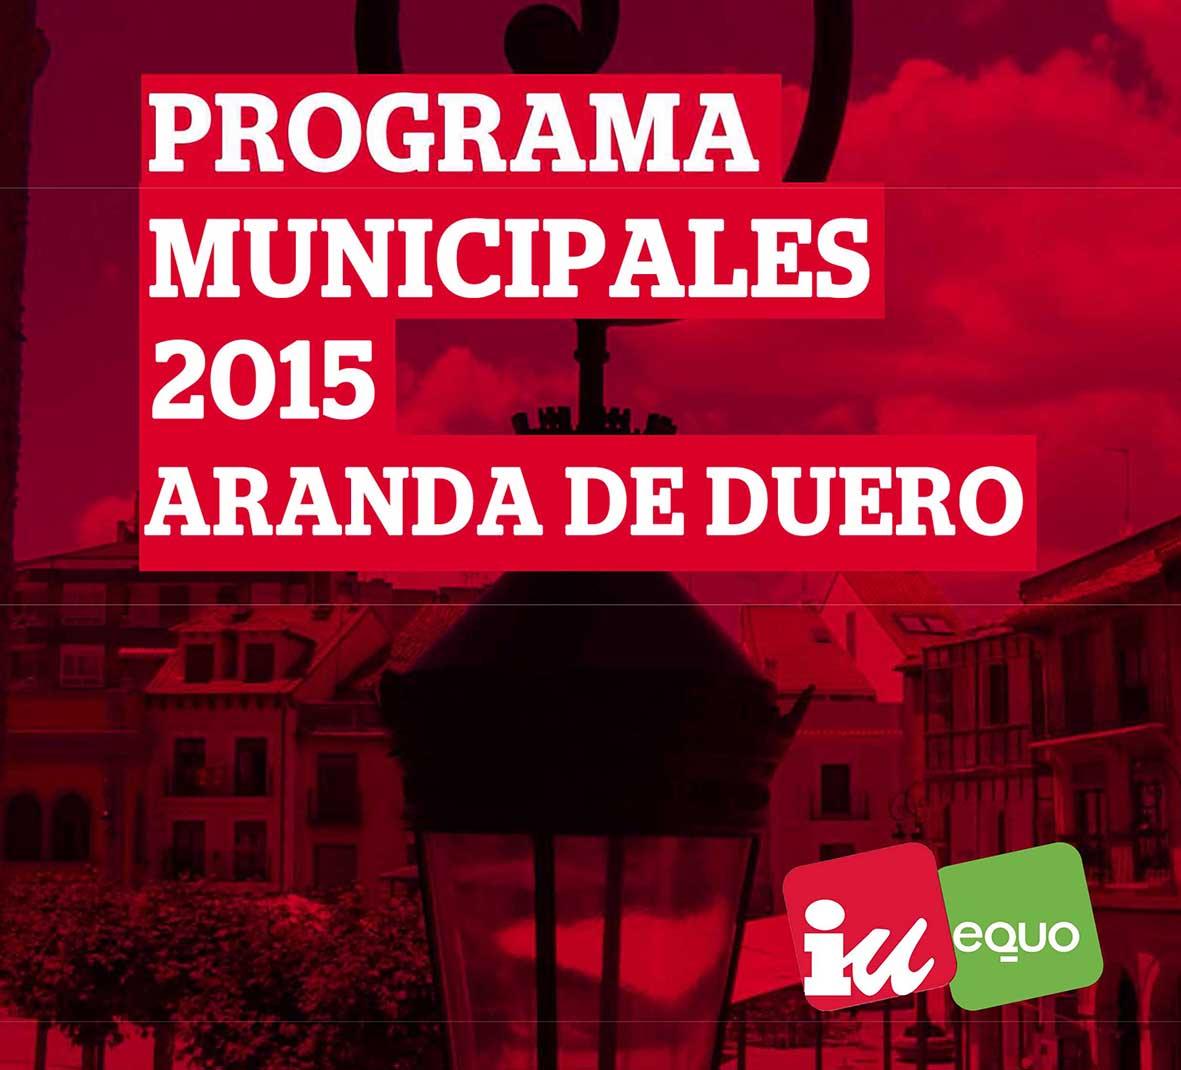 PROYECTO DE CIUDAD PARA LAS ELECCIONES MUNICIPALES DE 2015